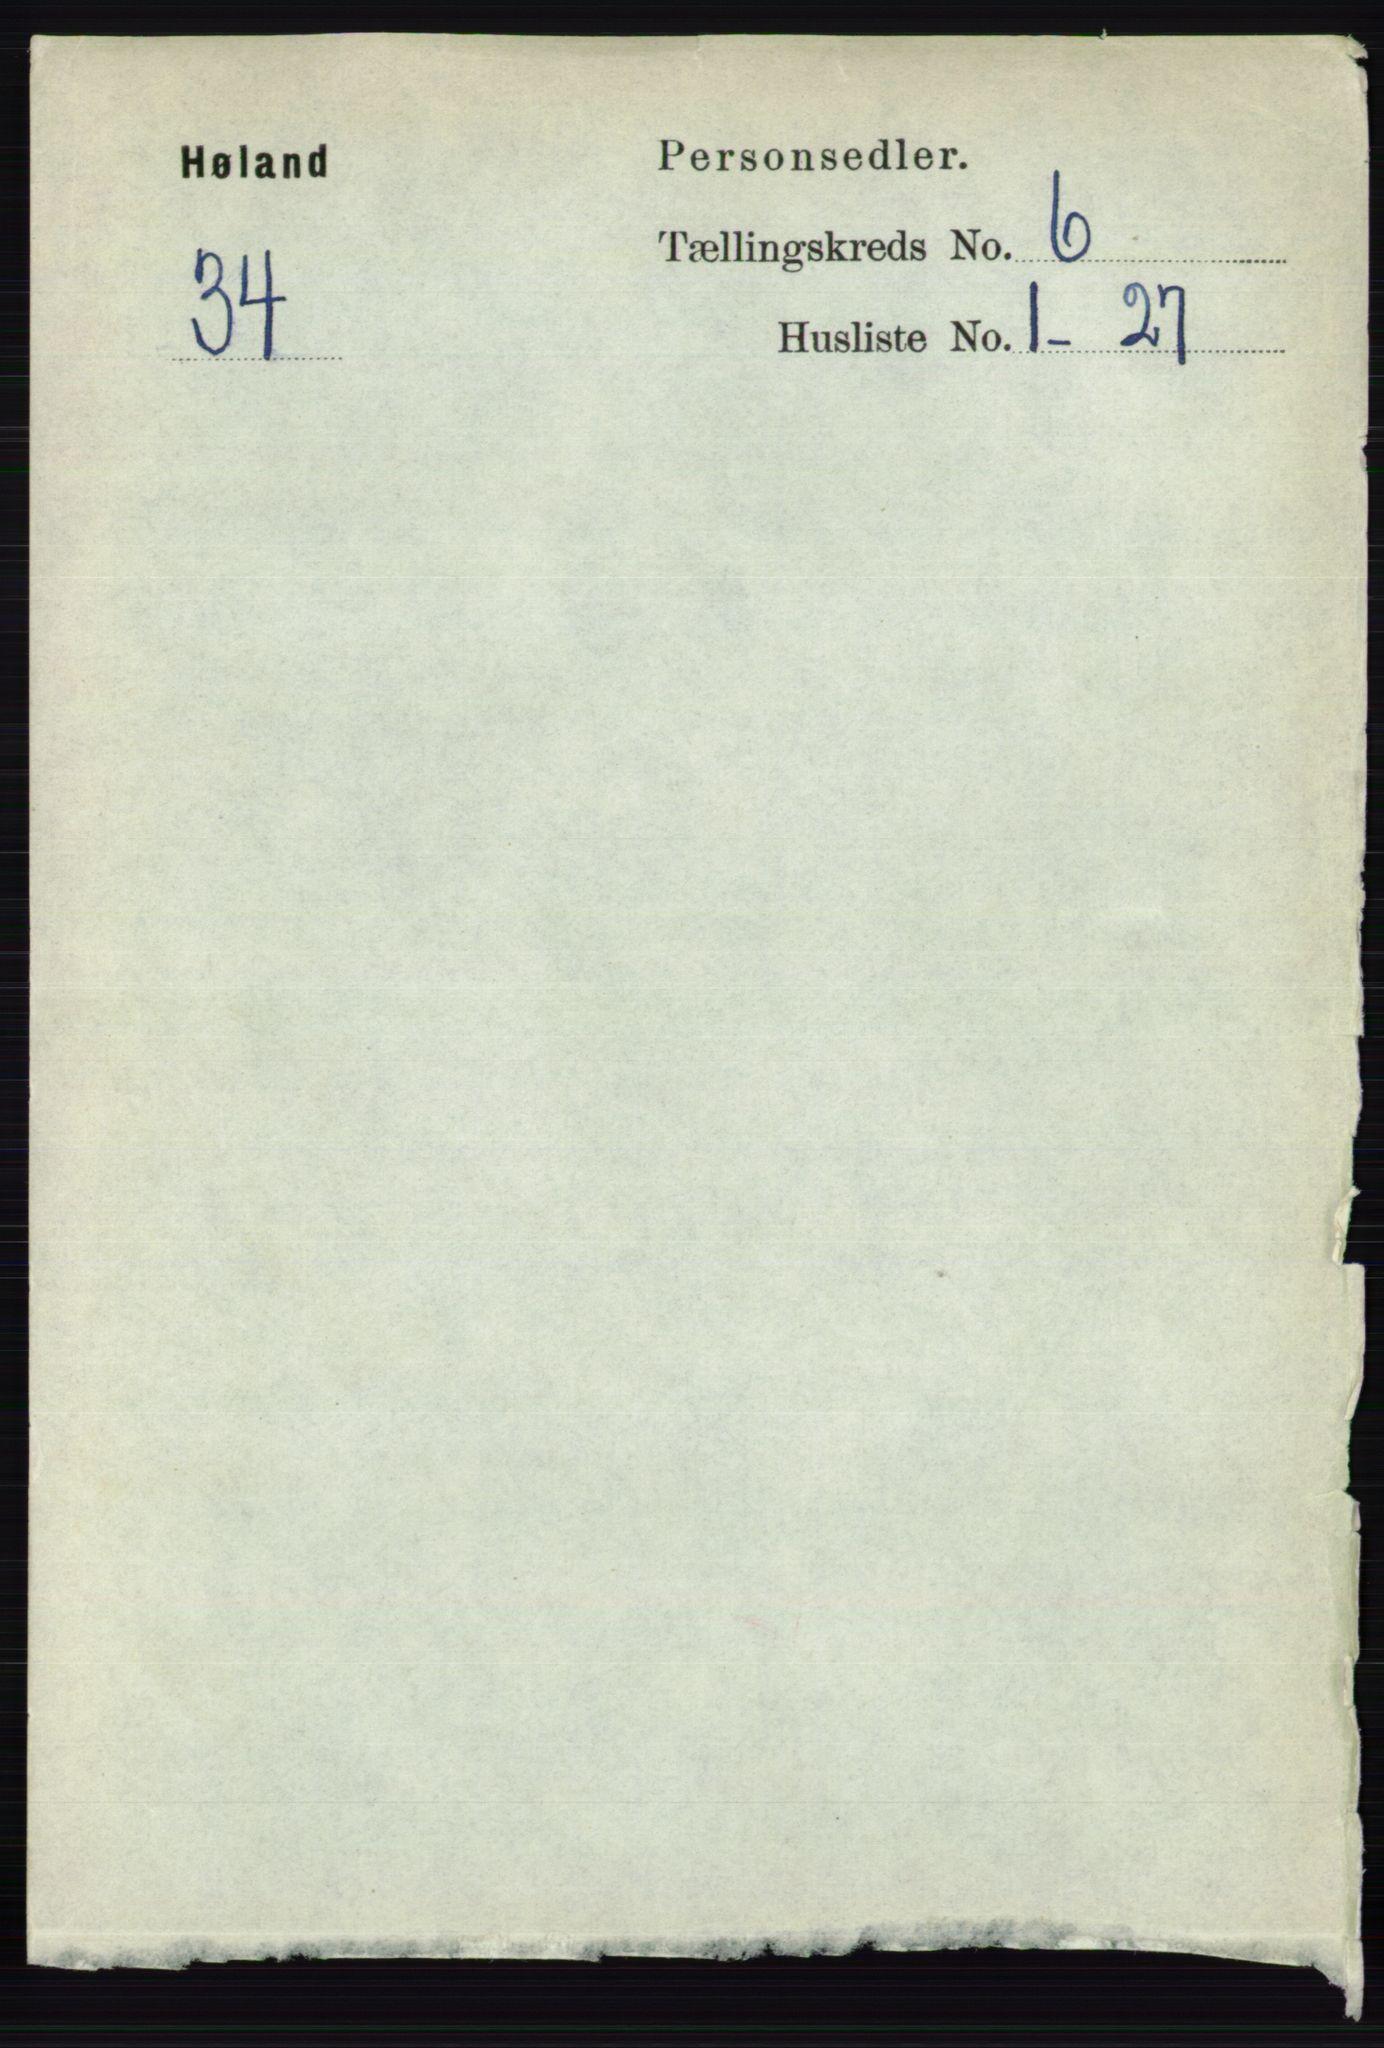 RA, Folketelling 1891 for 0221 Høland herred, 1891, s. 4339